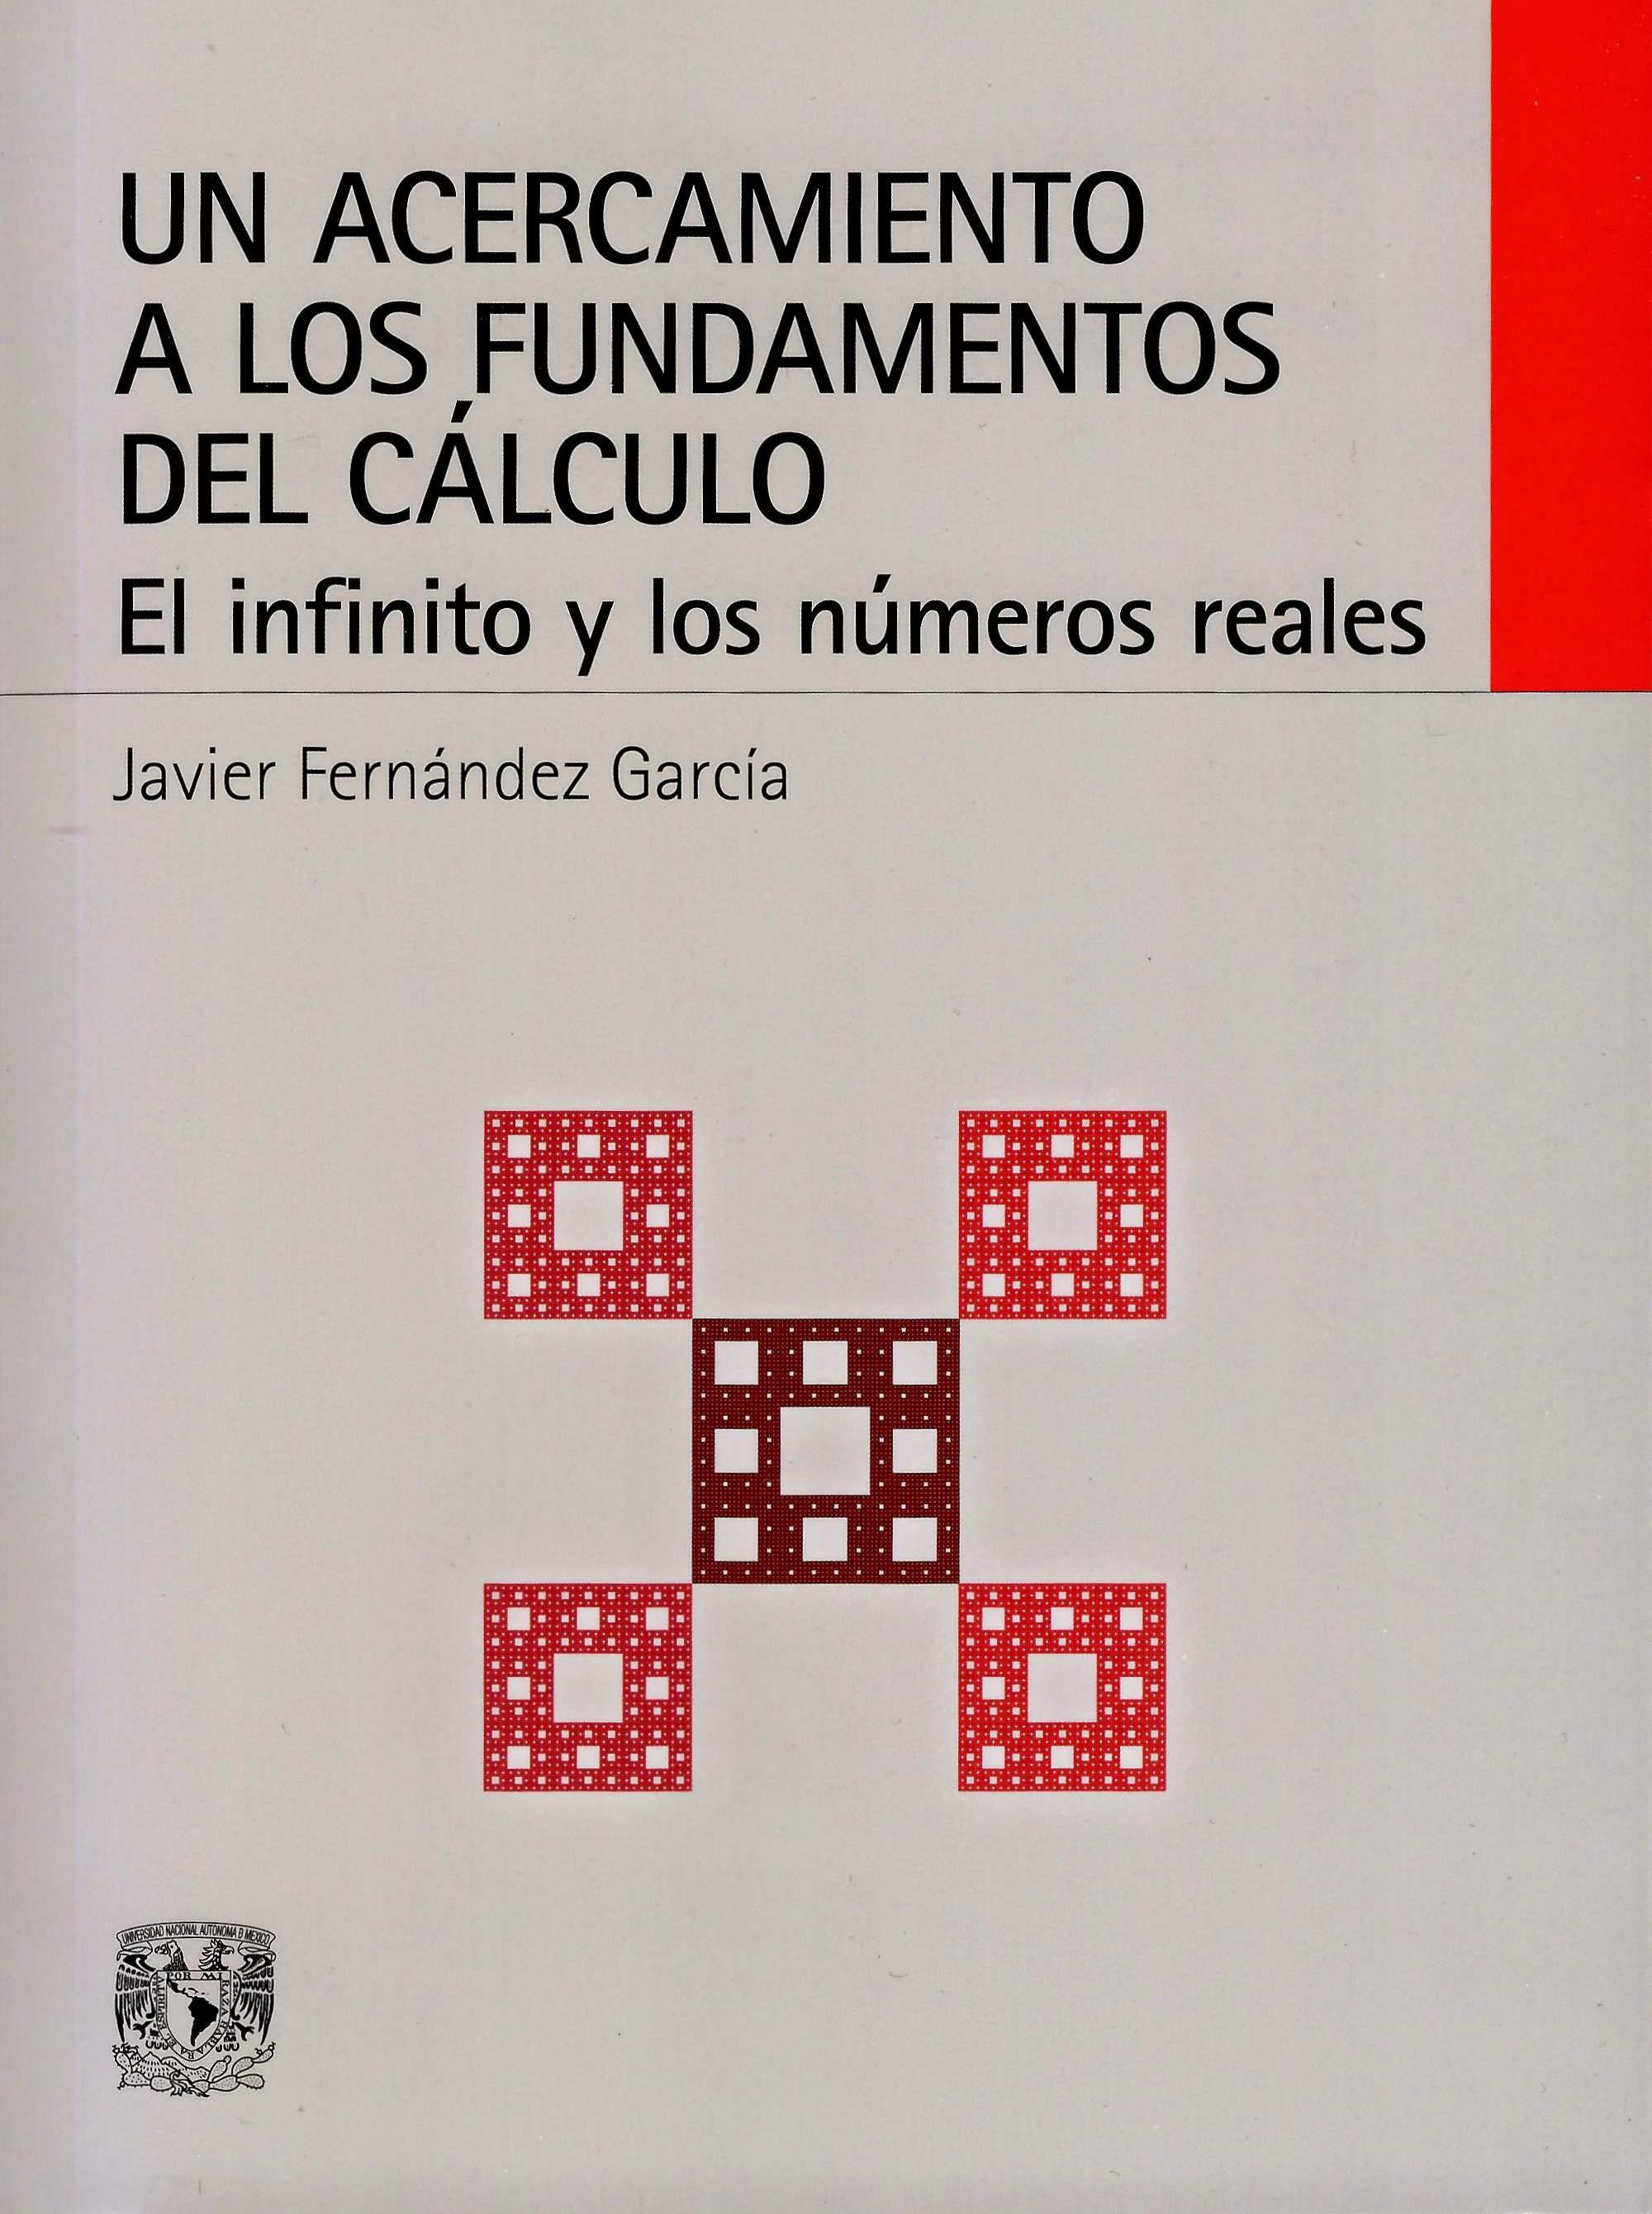 Un acercamiento a los fundamentos del cálculo. El infinito y los números reales